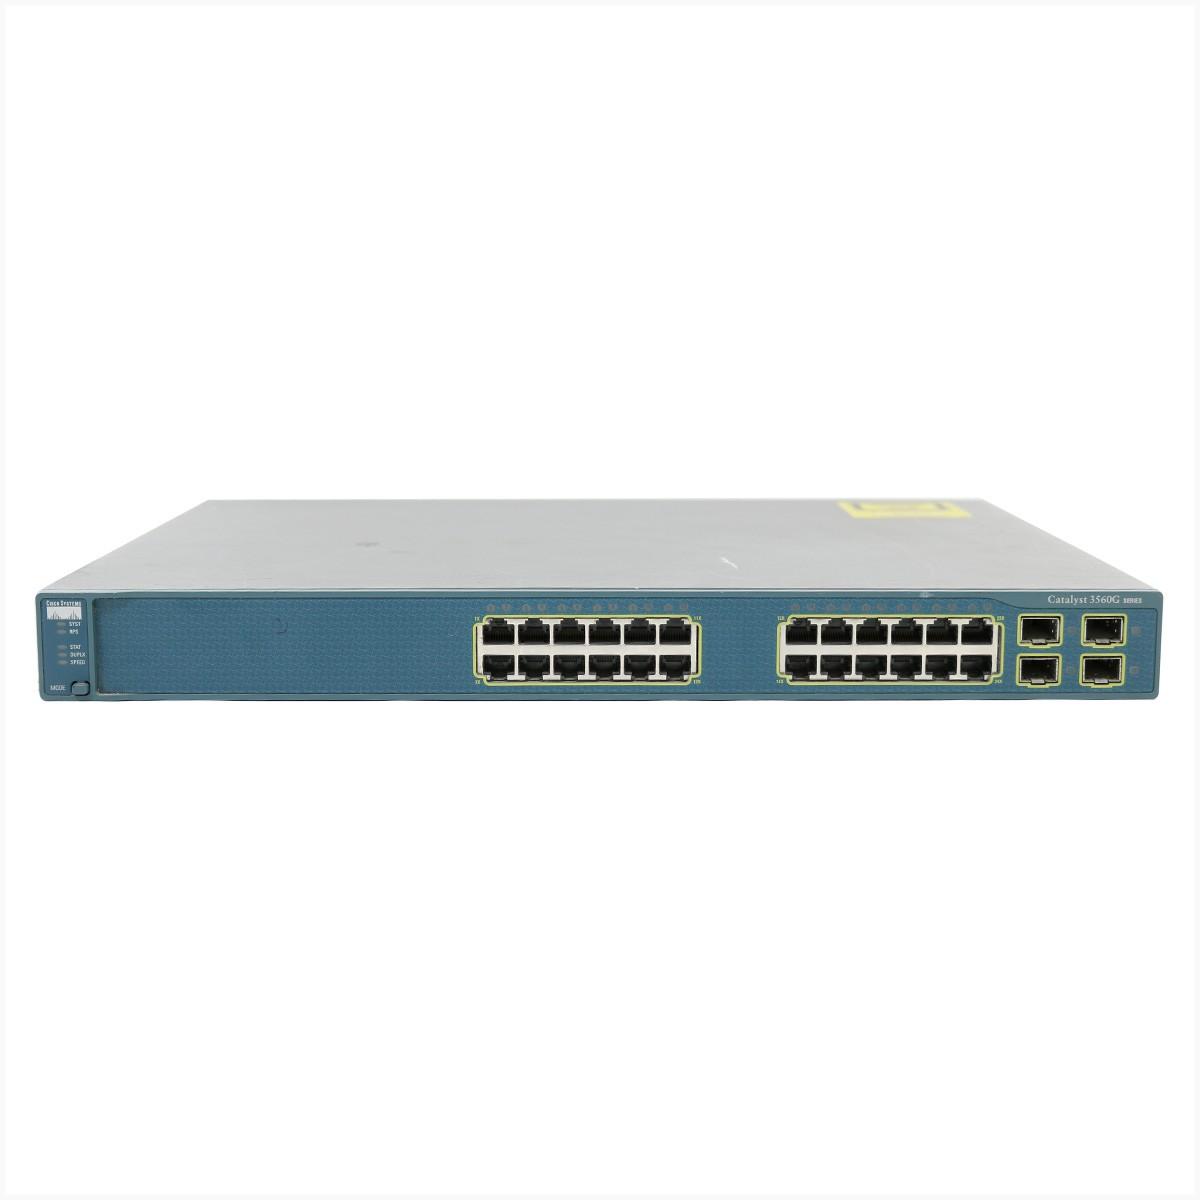 Switch cisco ws-c3560g-24ts-s 24 portas poe - usado